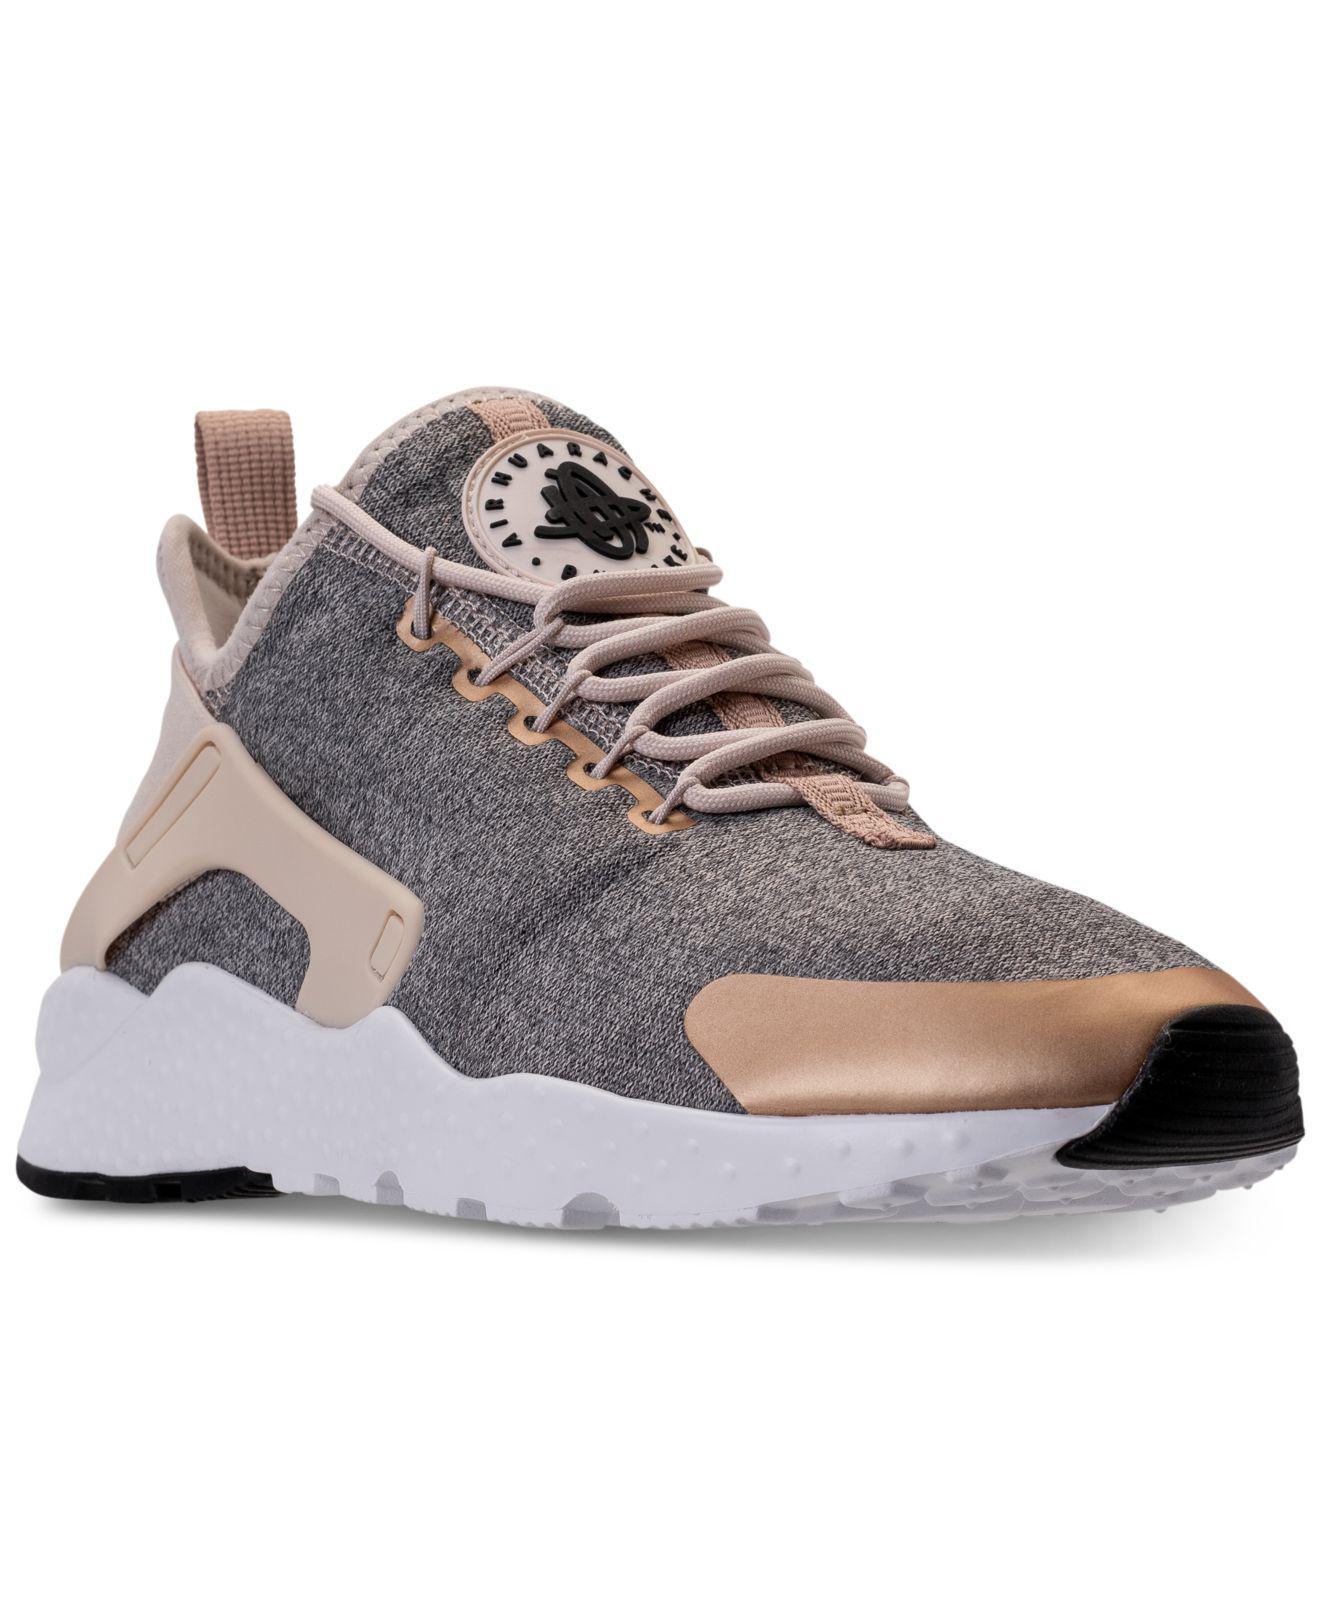 Lyst - Nike Women s Air Huarache Run Ultra Se Running Sneakers From ... 7c68e9d269